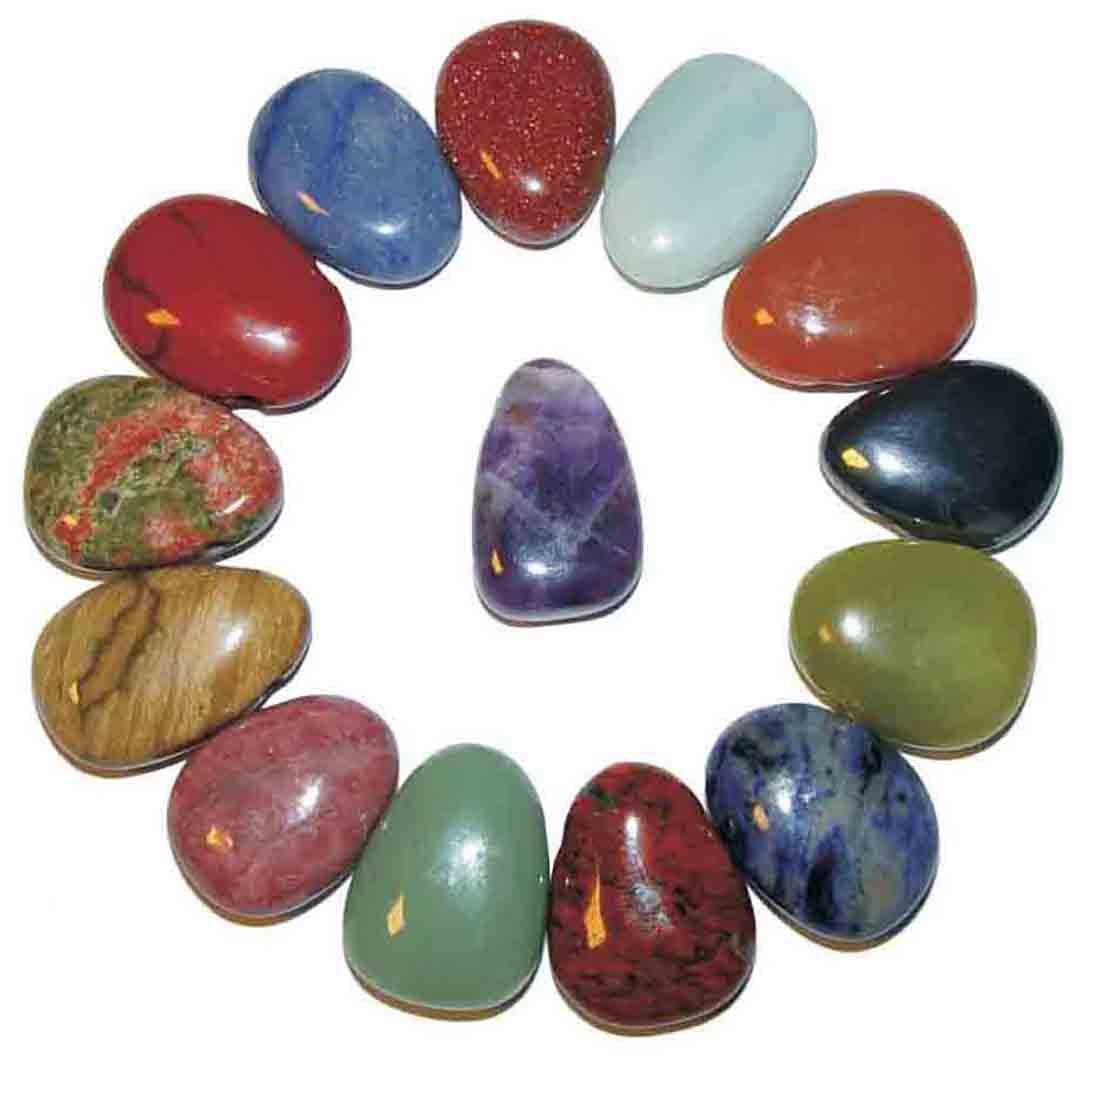 Trommelstein Rhodonit sehr gute Qualität mehrere Steine